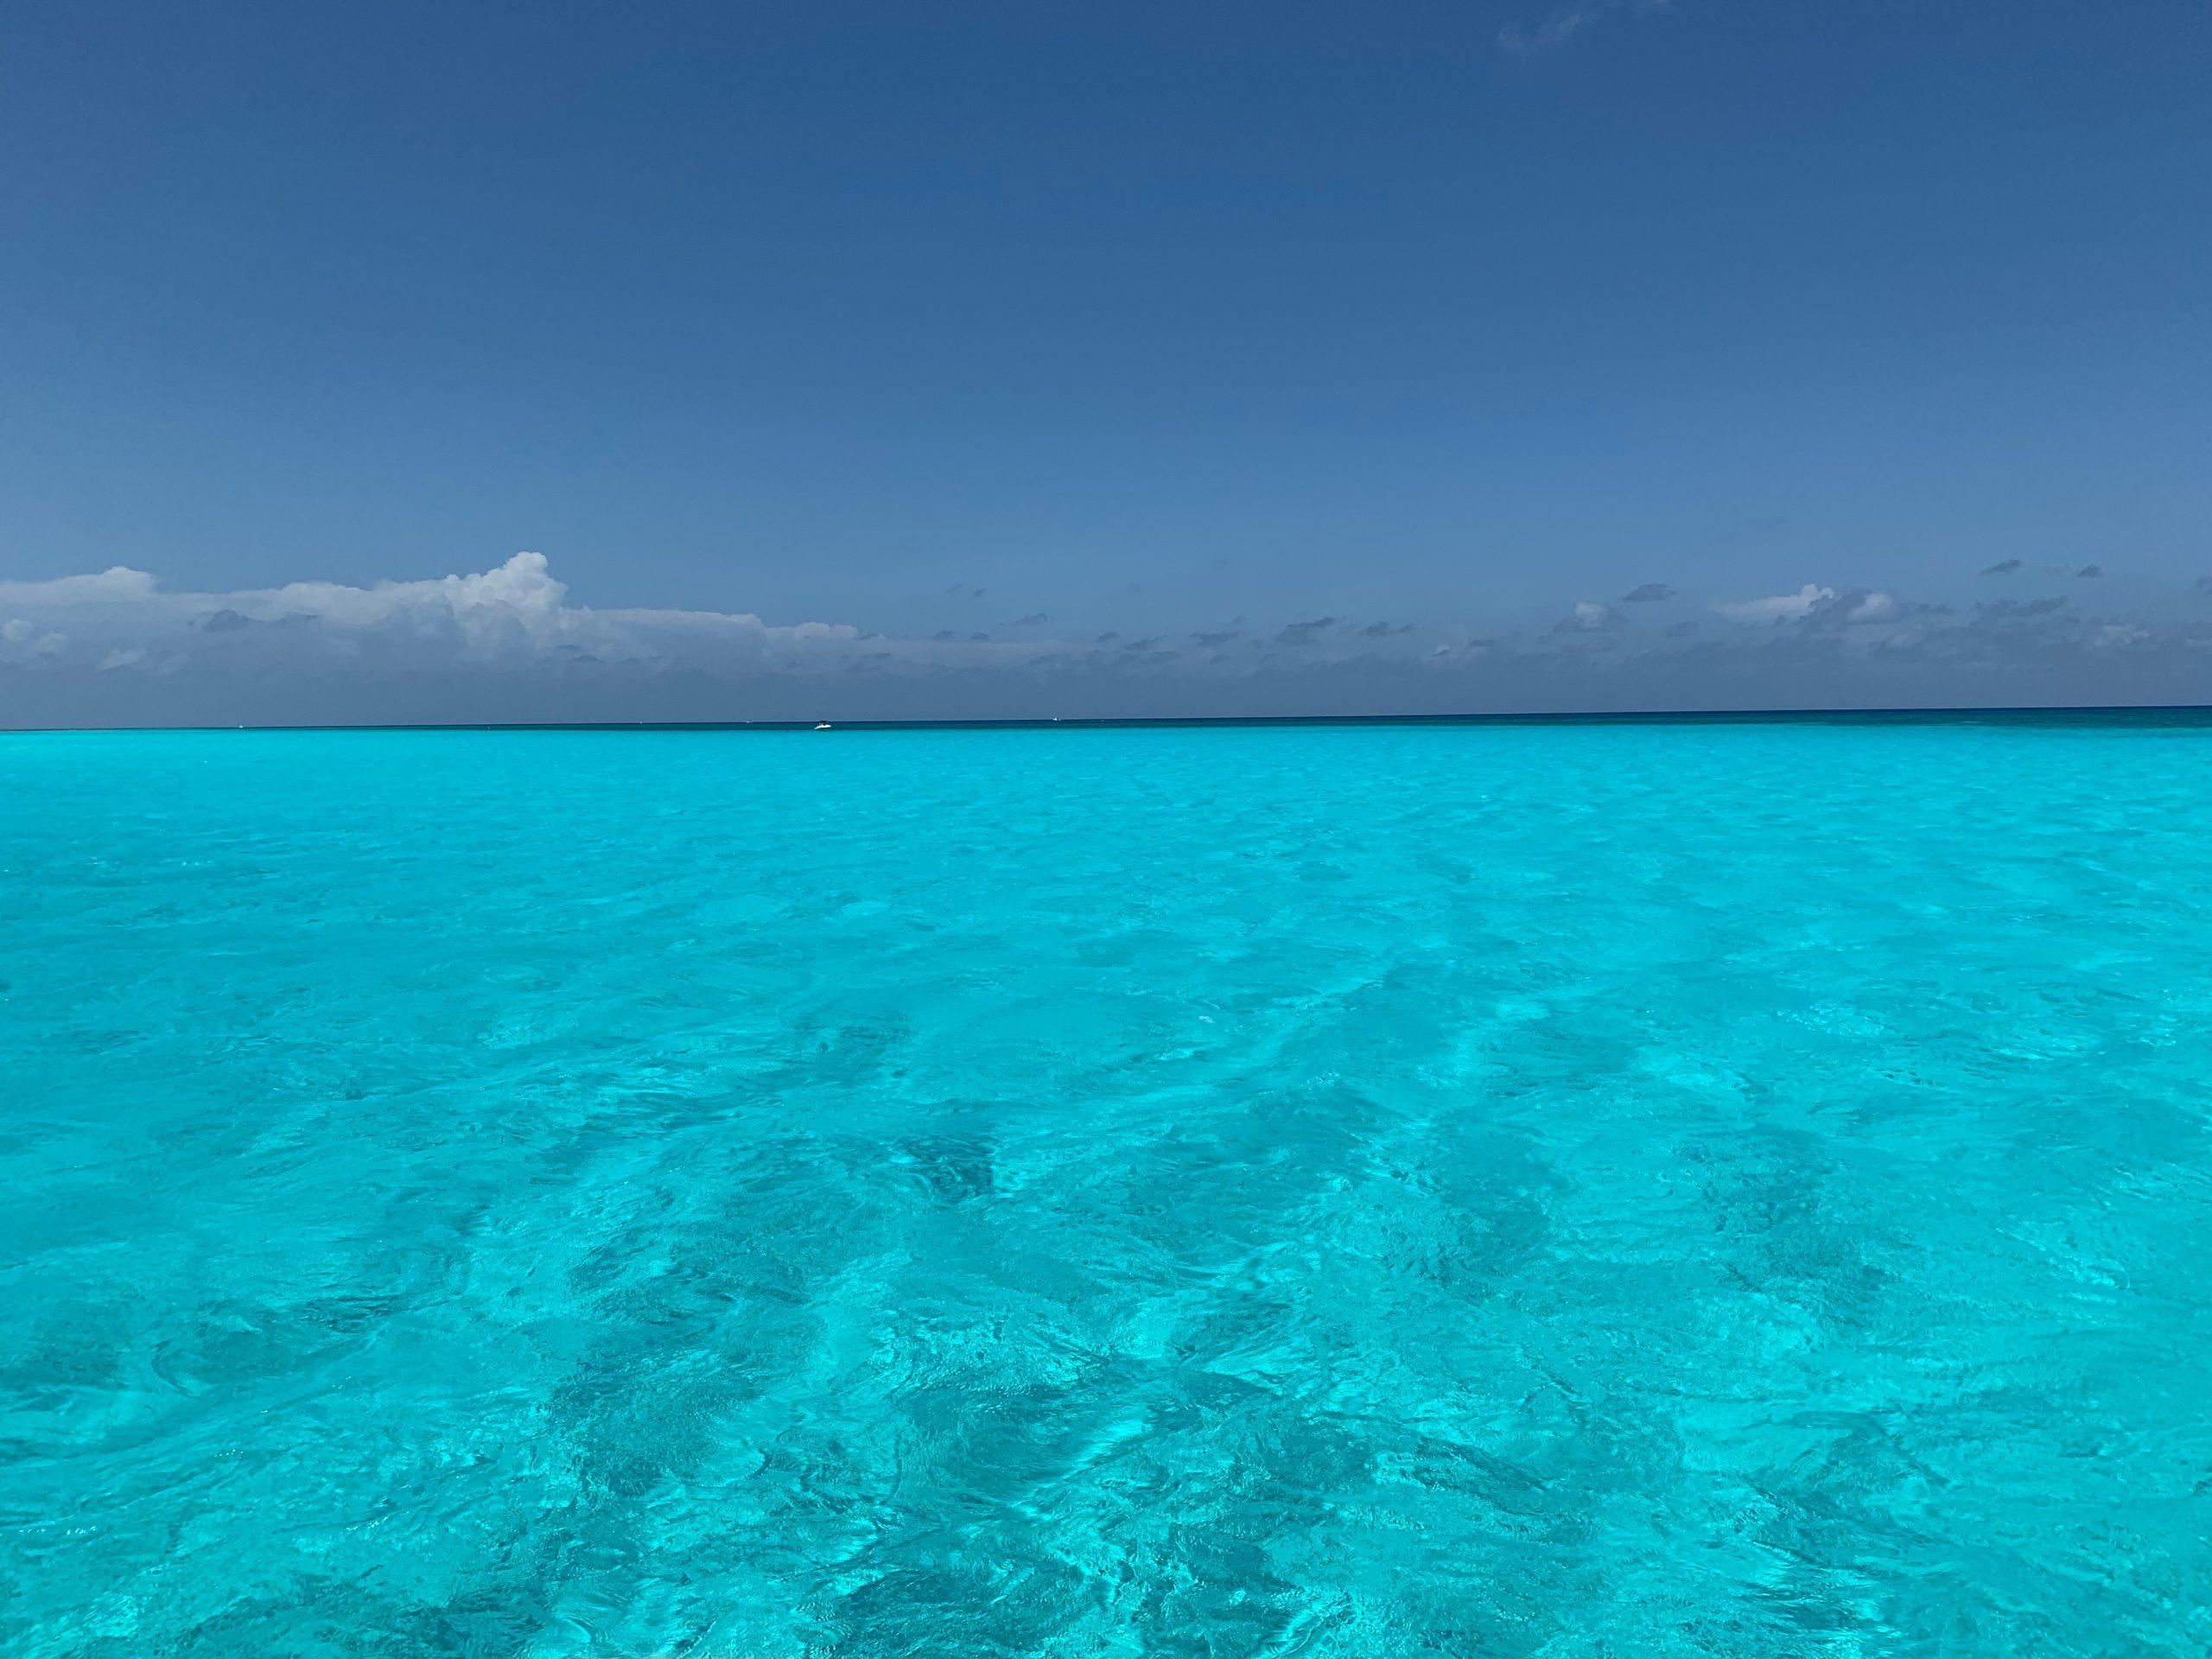 L'eau turquoise de Cancun, Mexique